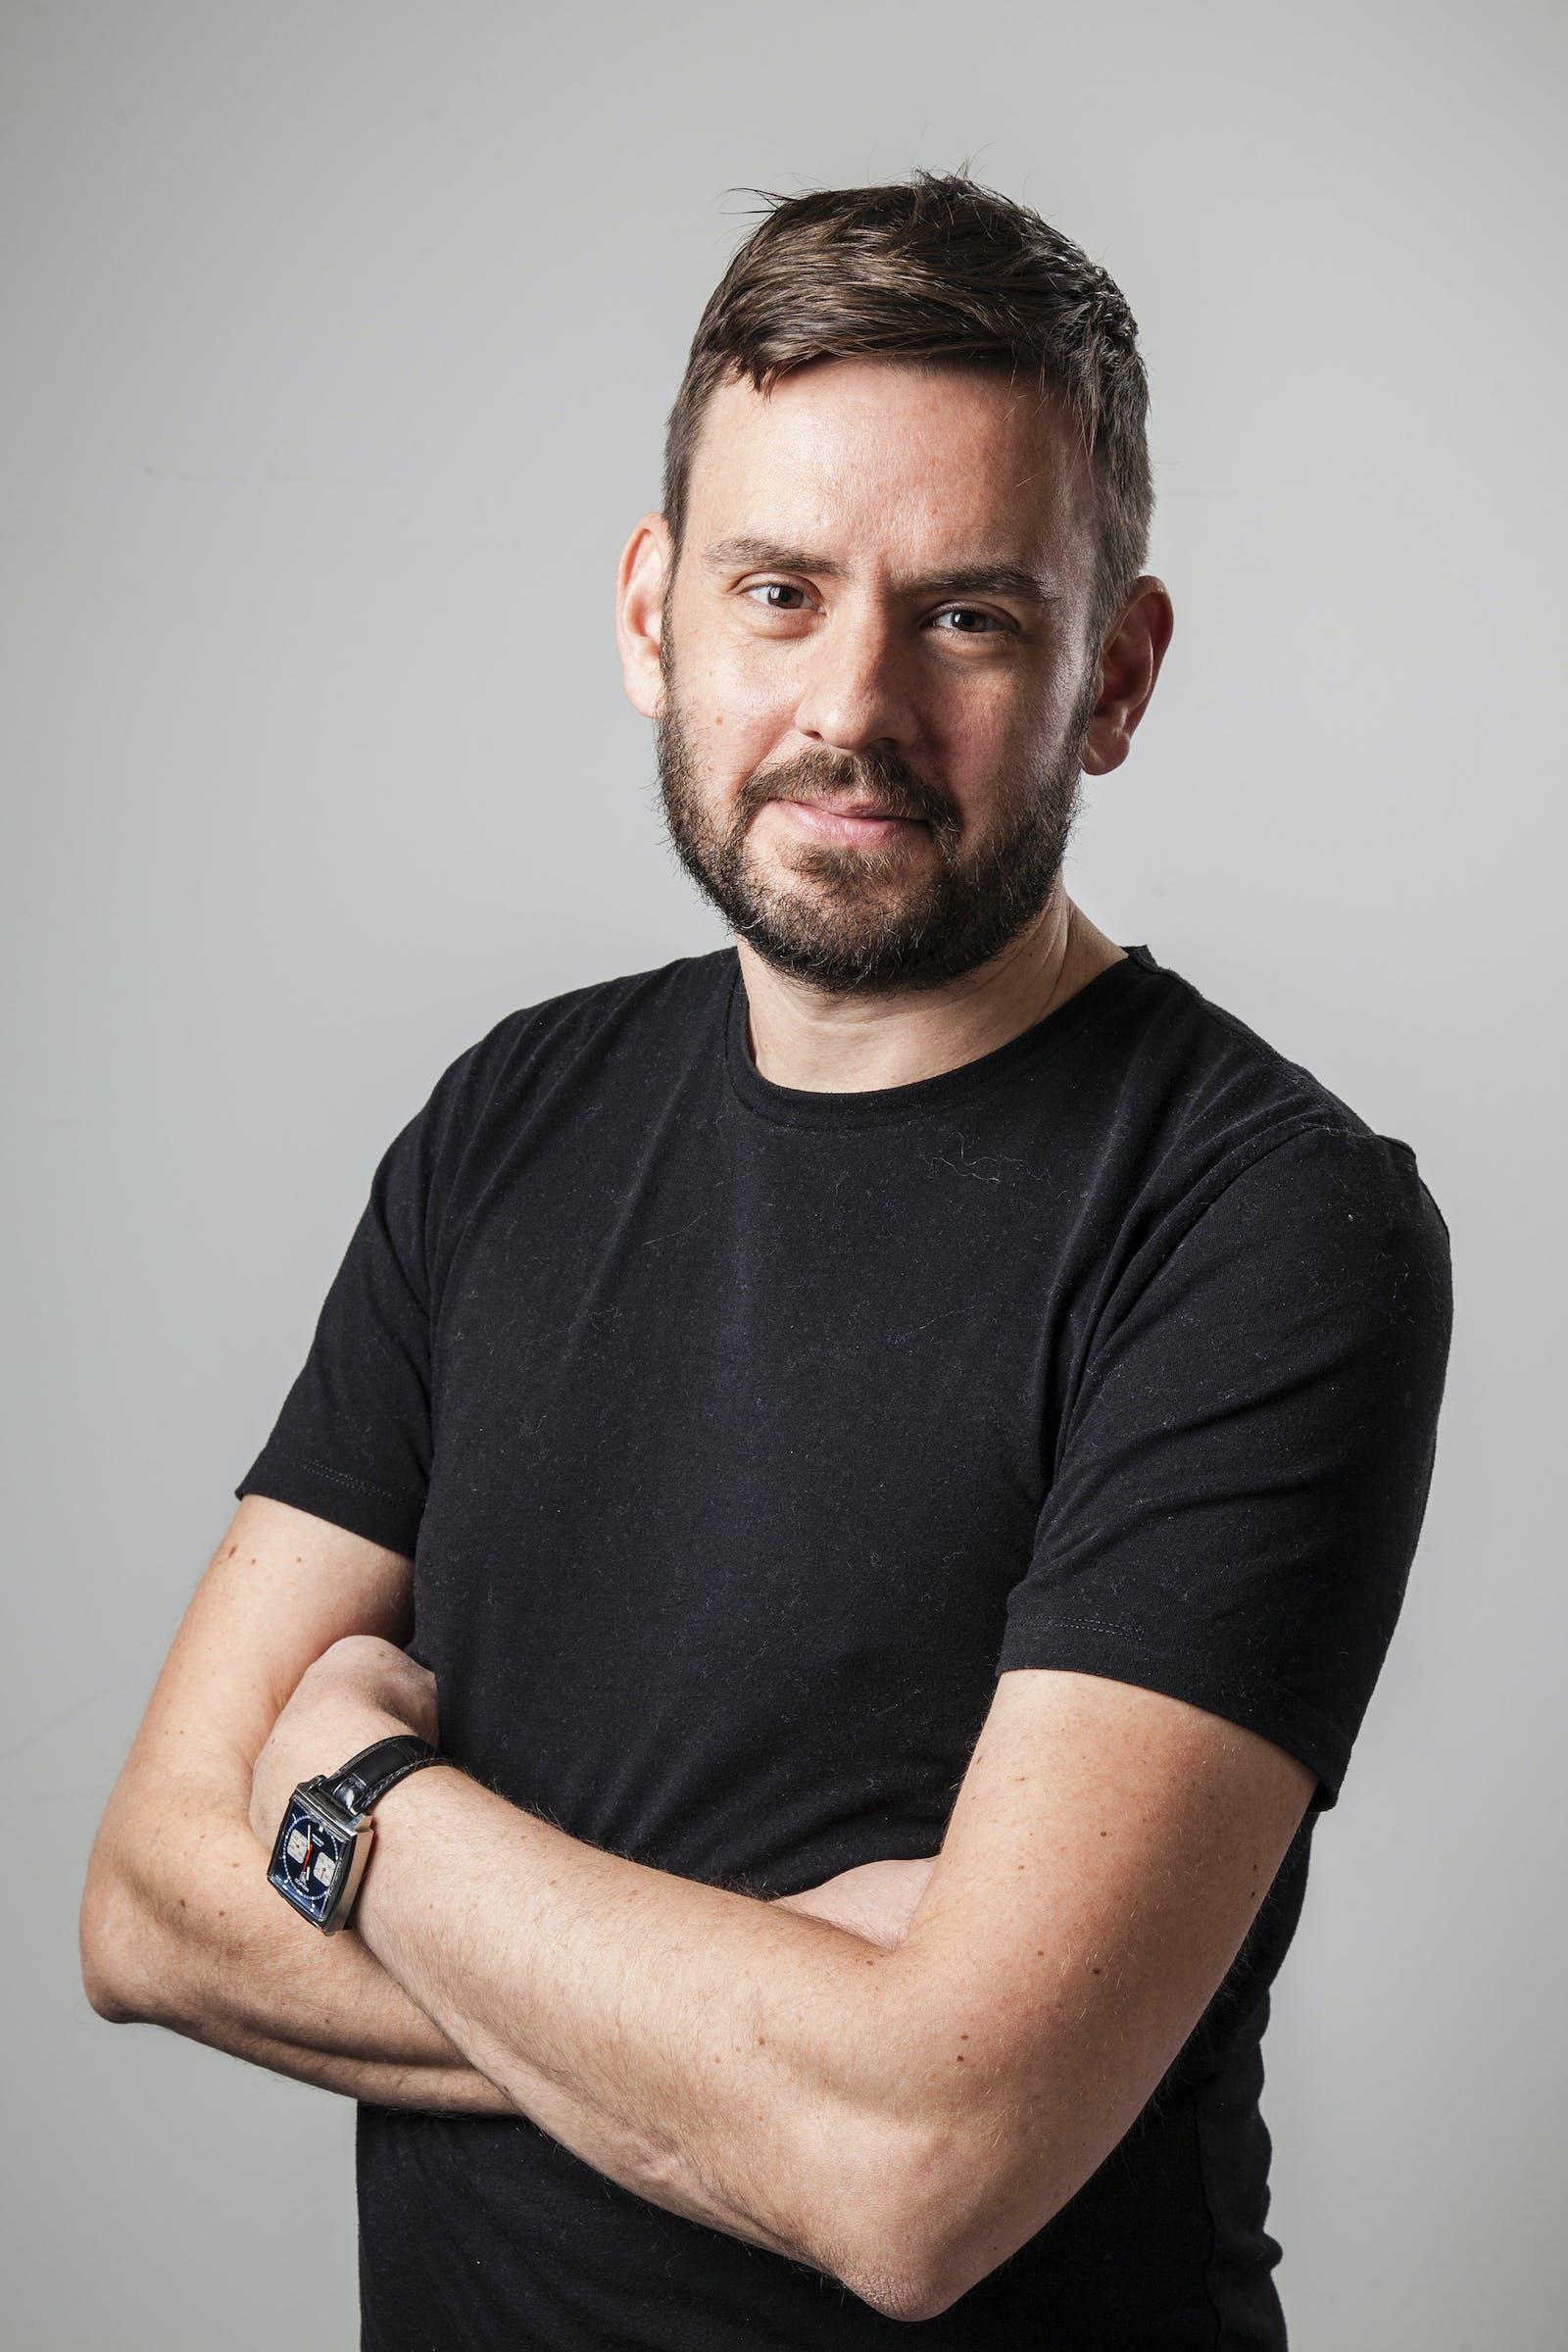 Phil De Semlyen